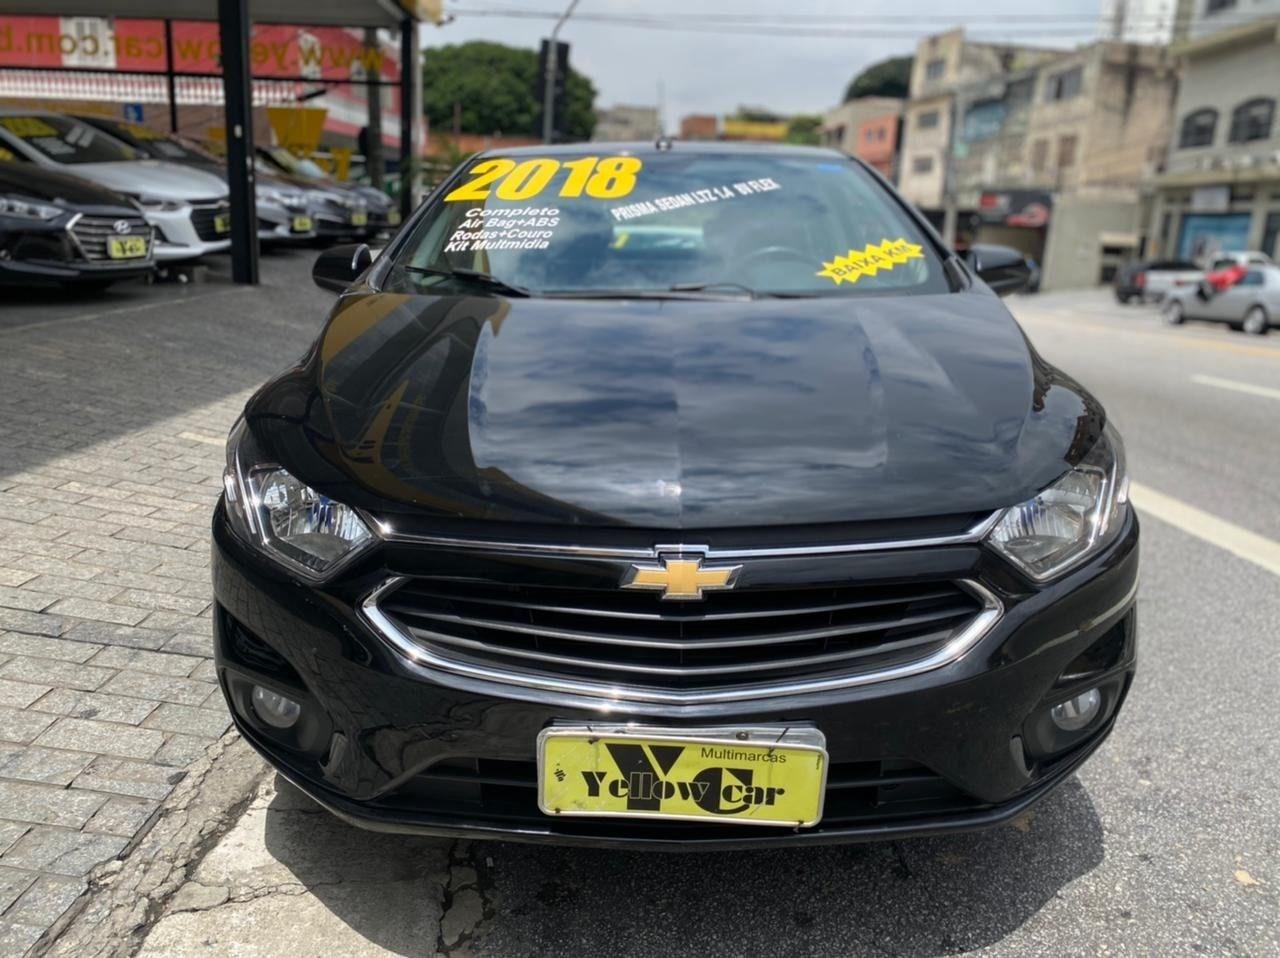 //www.autoline.com.br/carro/chevrolet/prisma-14-ltz-8v-flex-4p-manual/2018/sao-paulo-sp/13582904